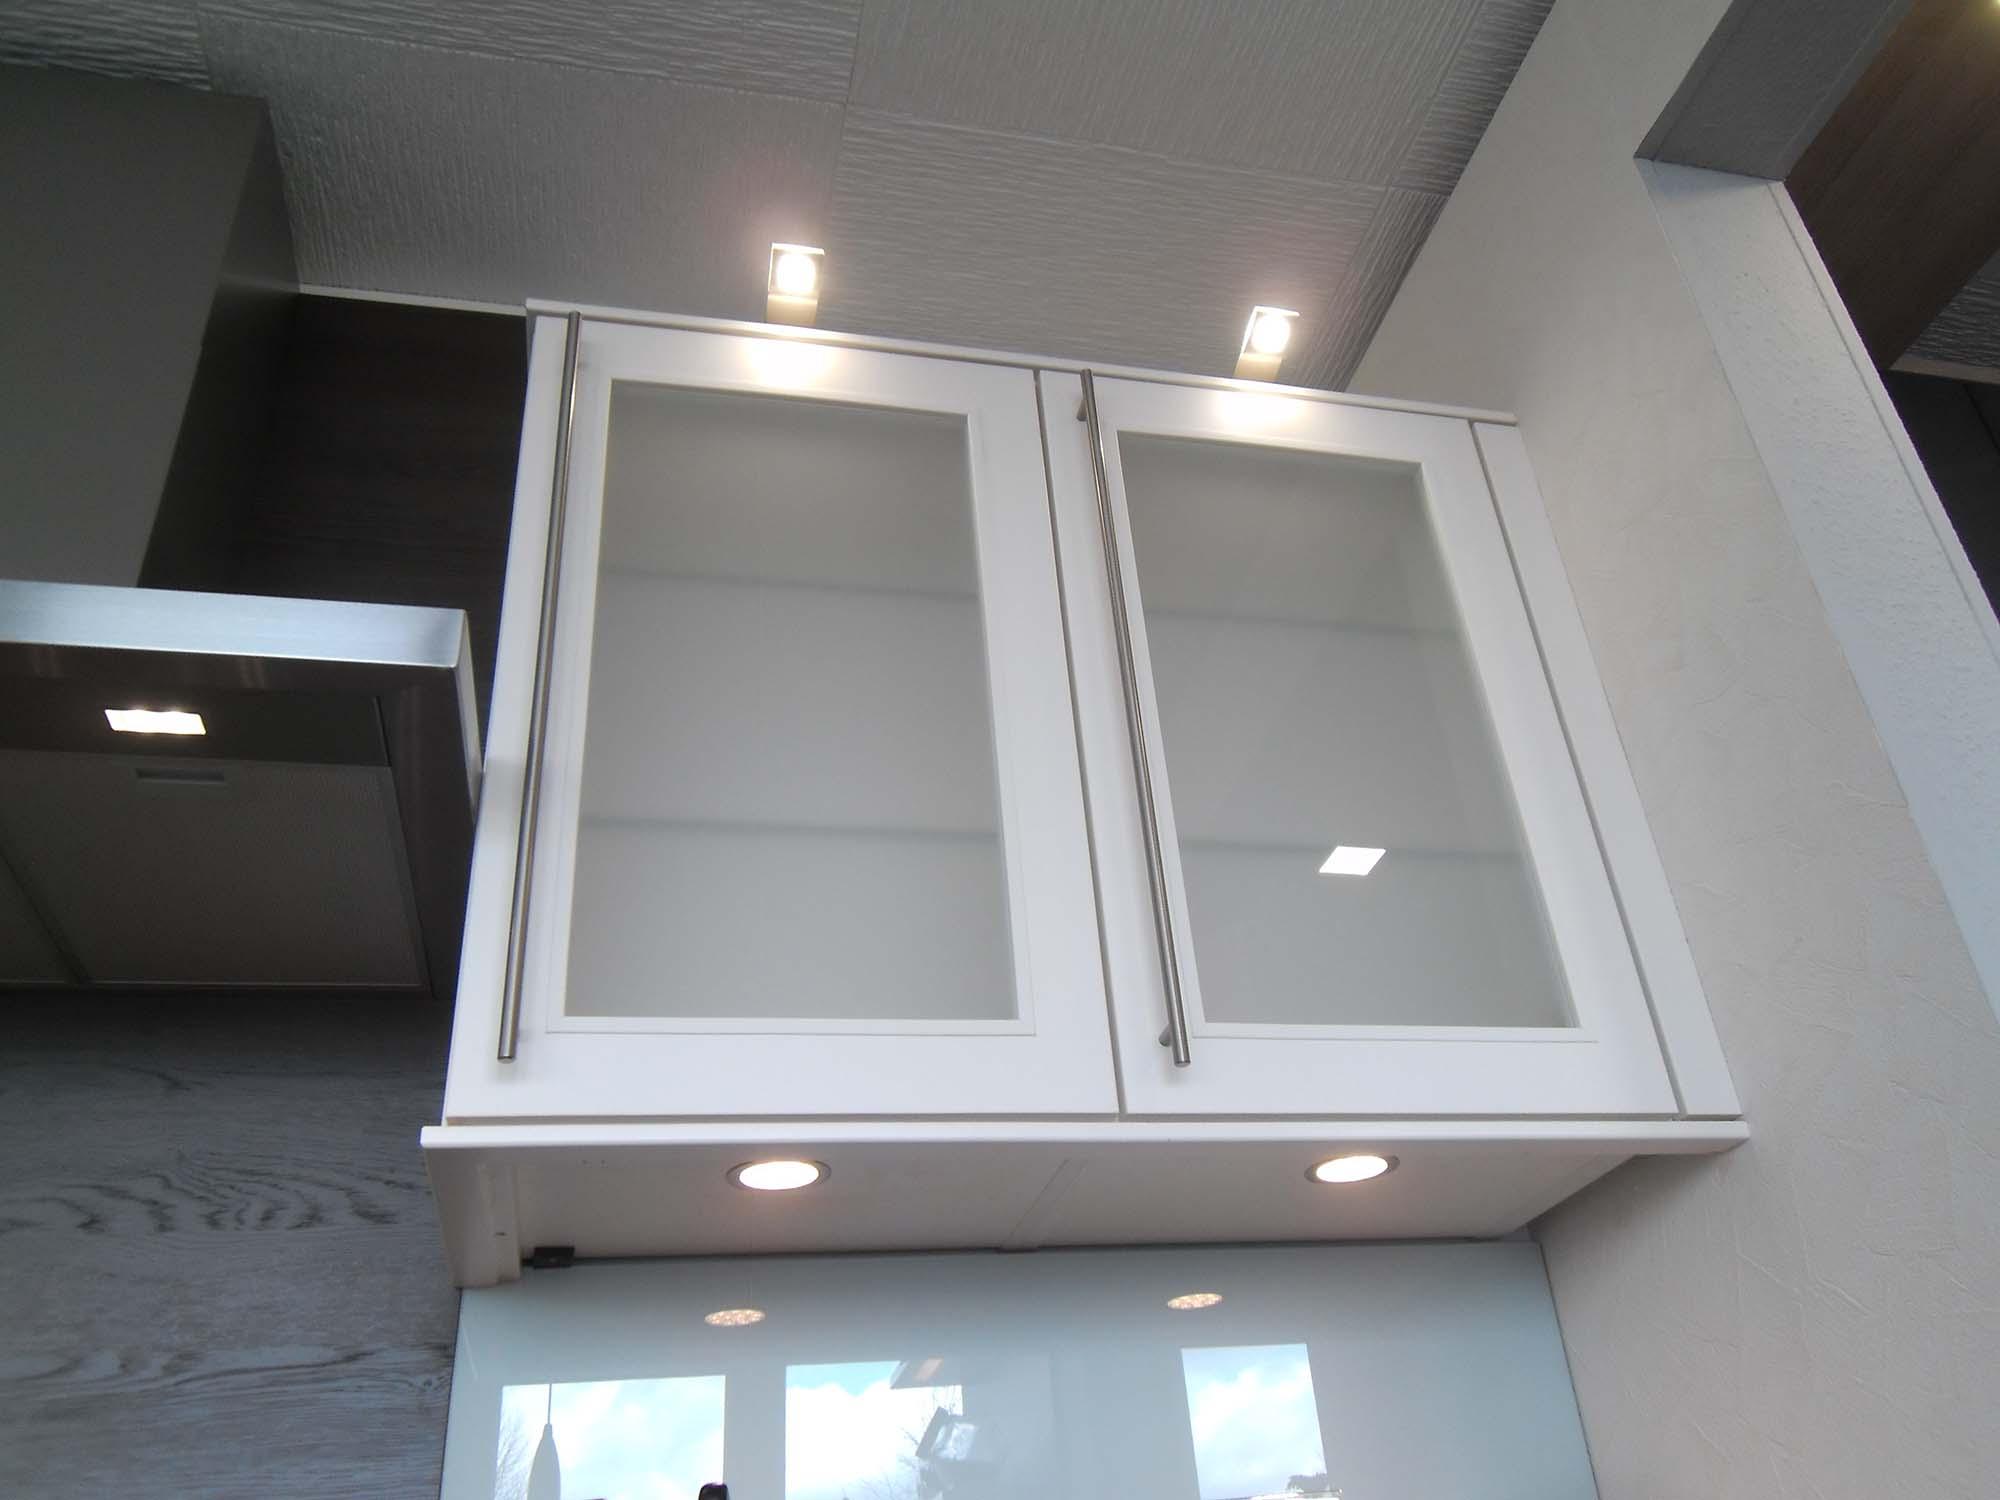 Oberschränke mit LED-Arbeitsplatz- und Ambientebeleuchtung - Küche